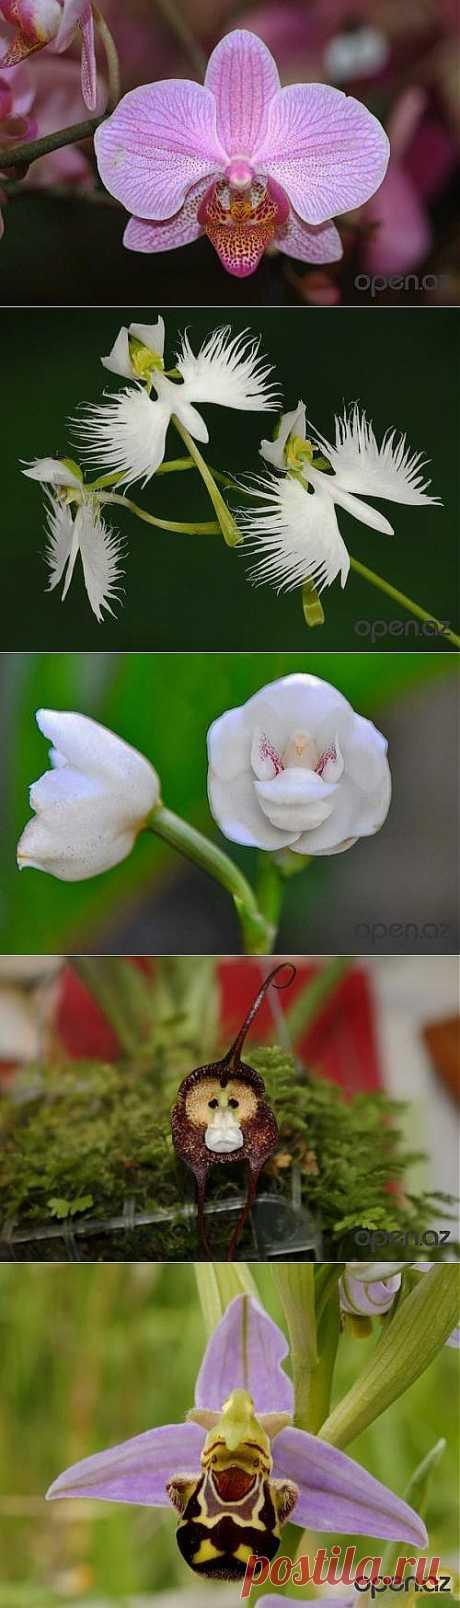 Шесть удивительных орхидей, похожих на животных » WWW.OPEN.AZ - ОТКРОЙ ДЛЯ СЕБЯ АЗЕРБАЙДЖАН!